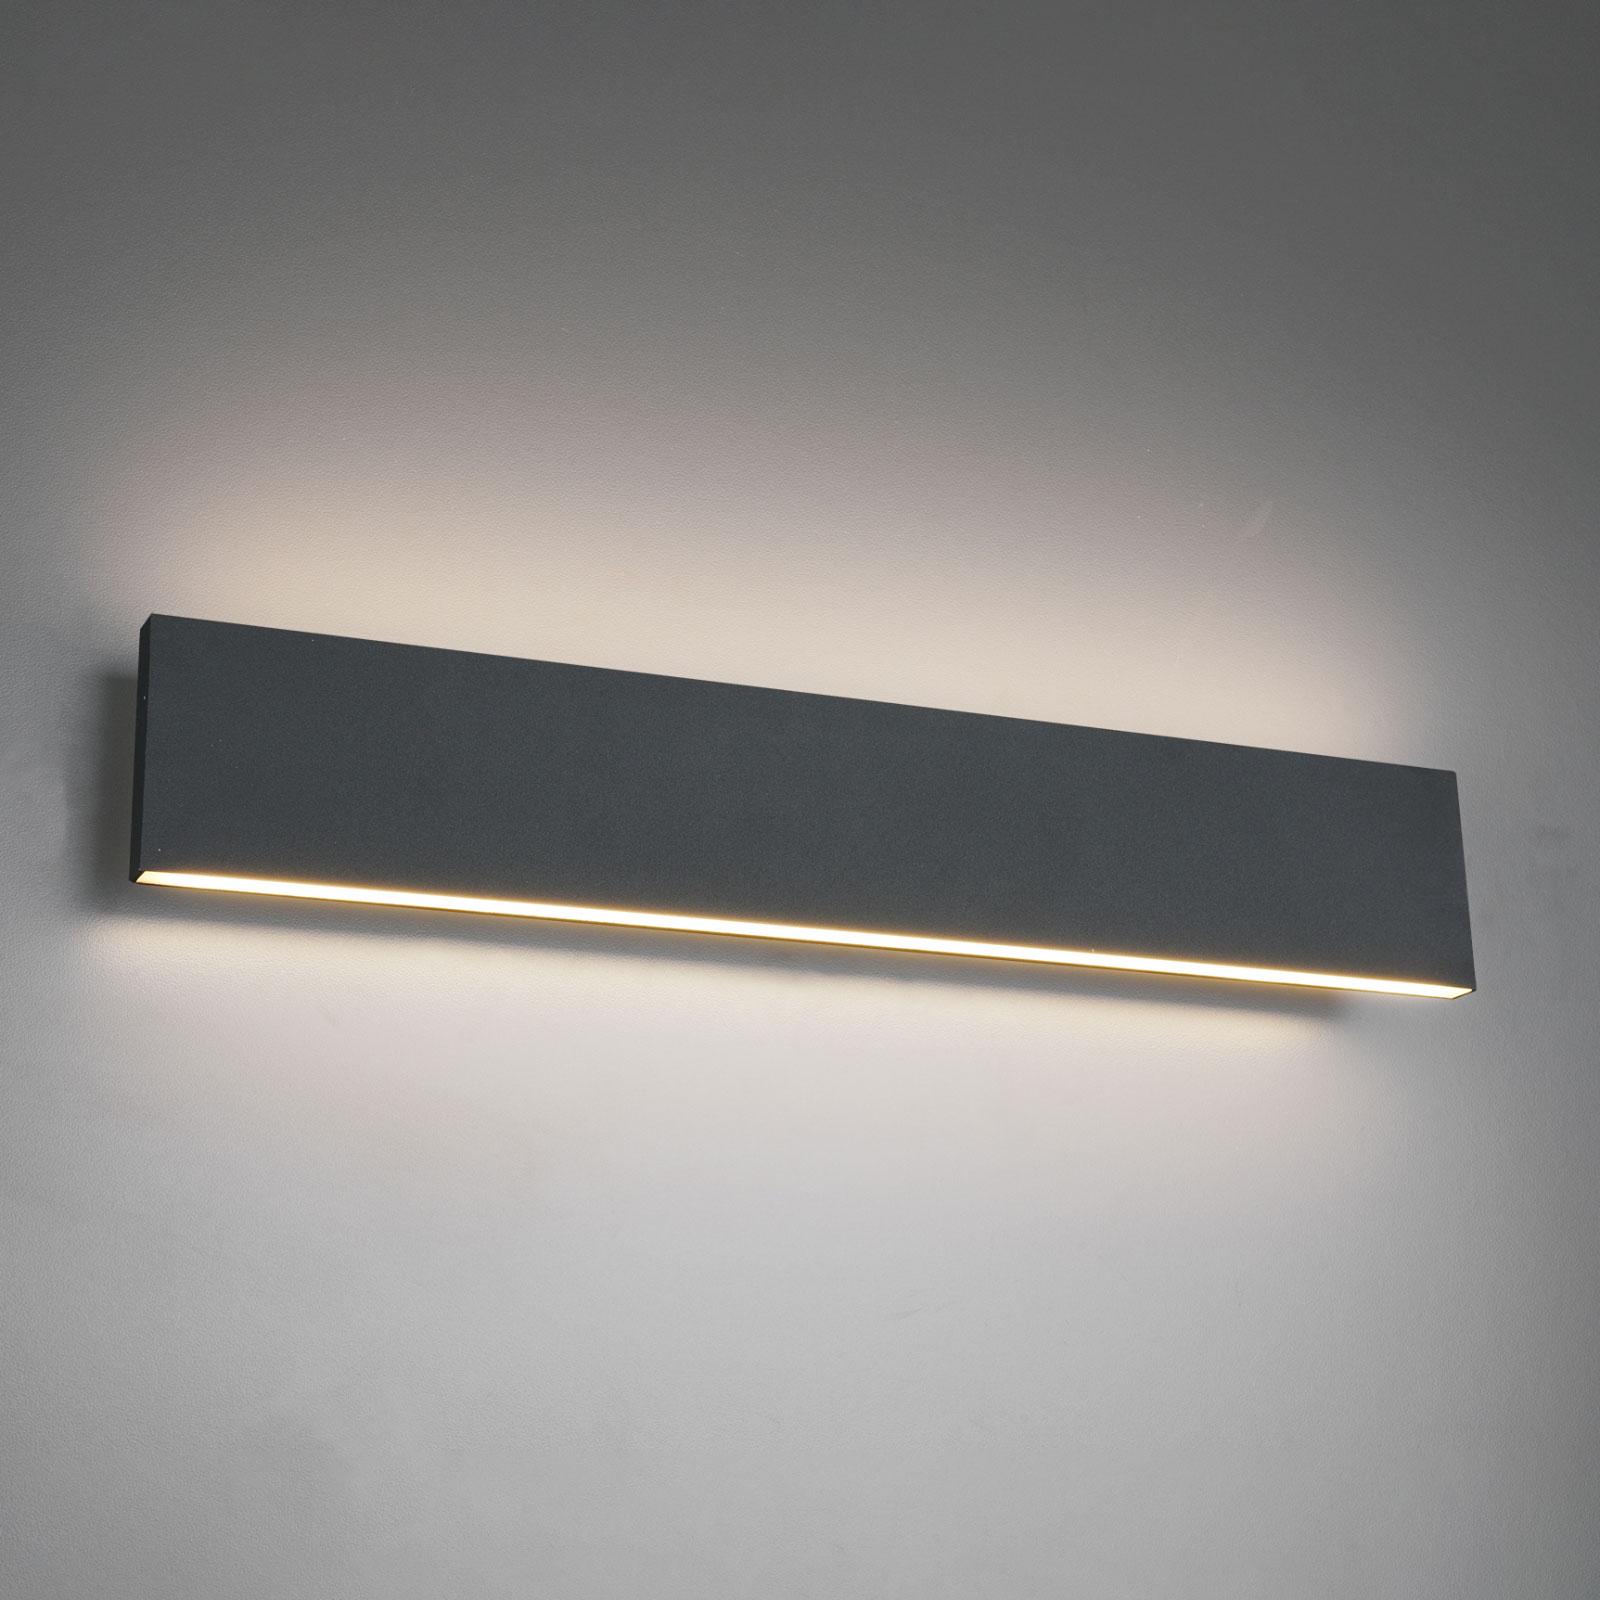 LED-Wandlampe Concha 47 cm, anthrazit